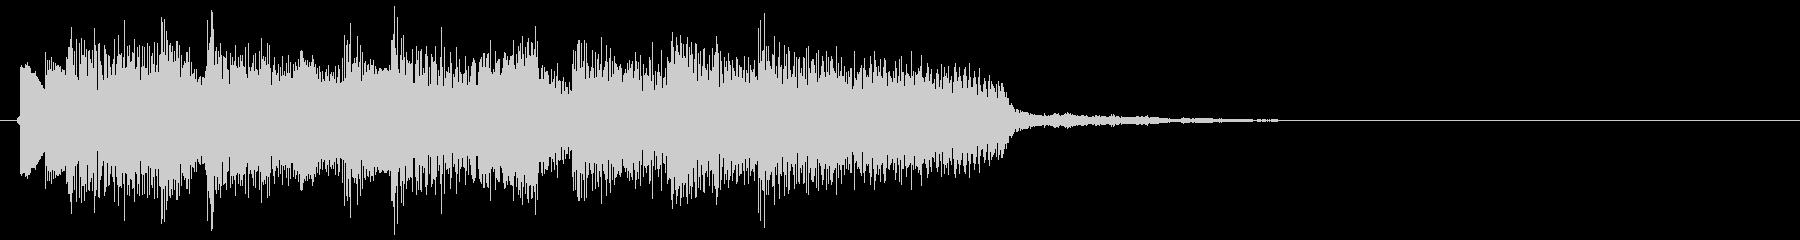 アイドルをイメージしたジングル 4小節Aの未再生の波形